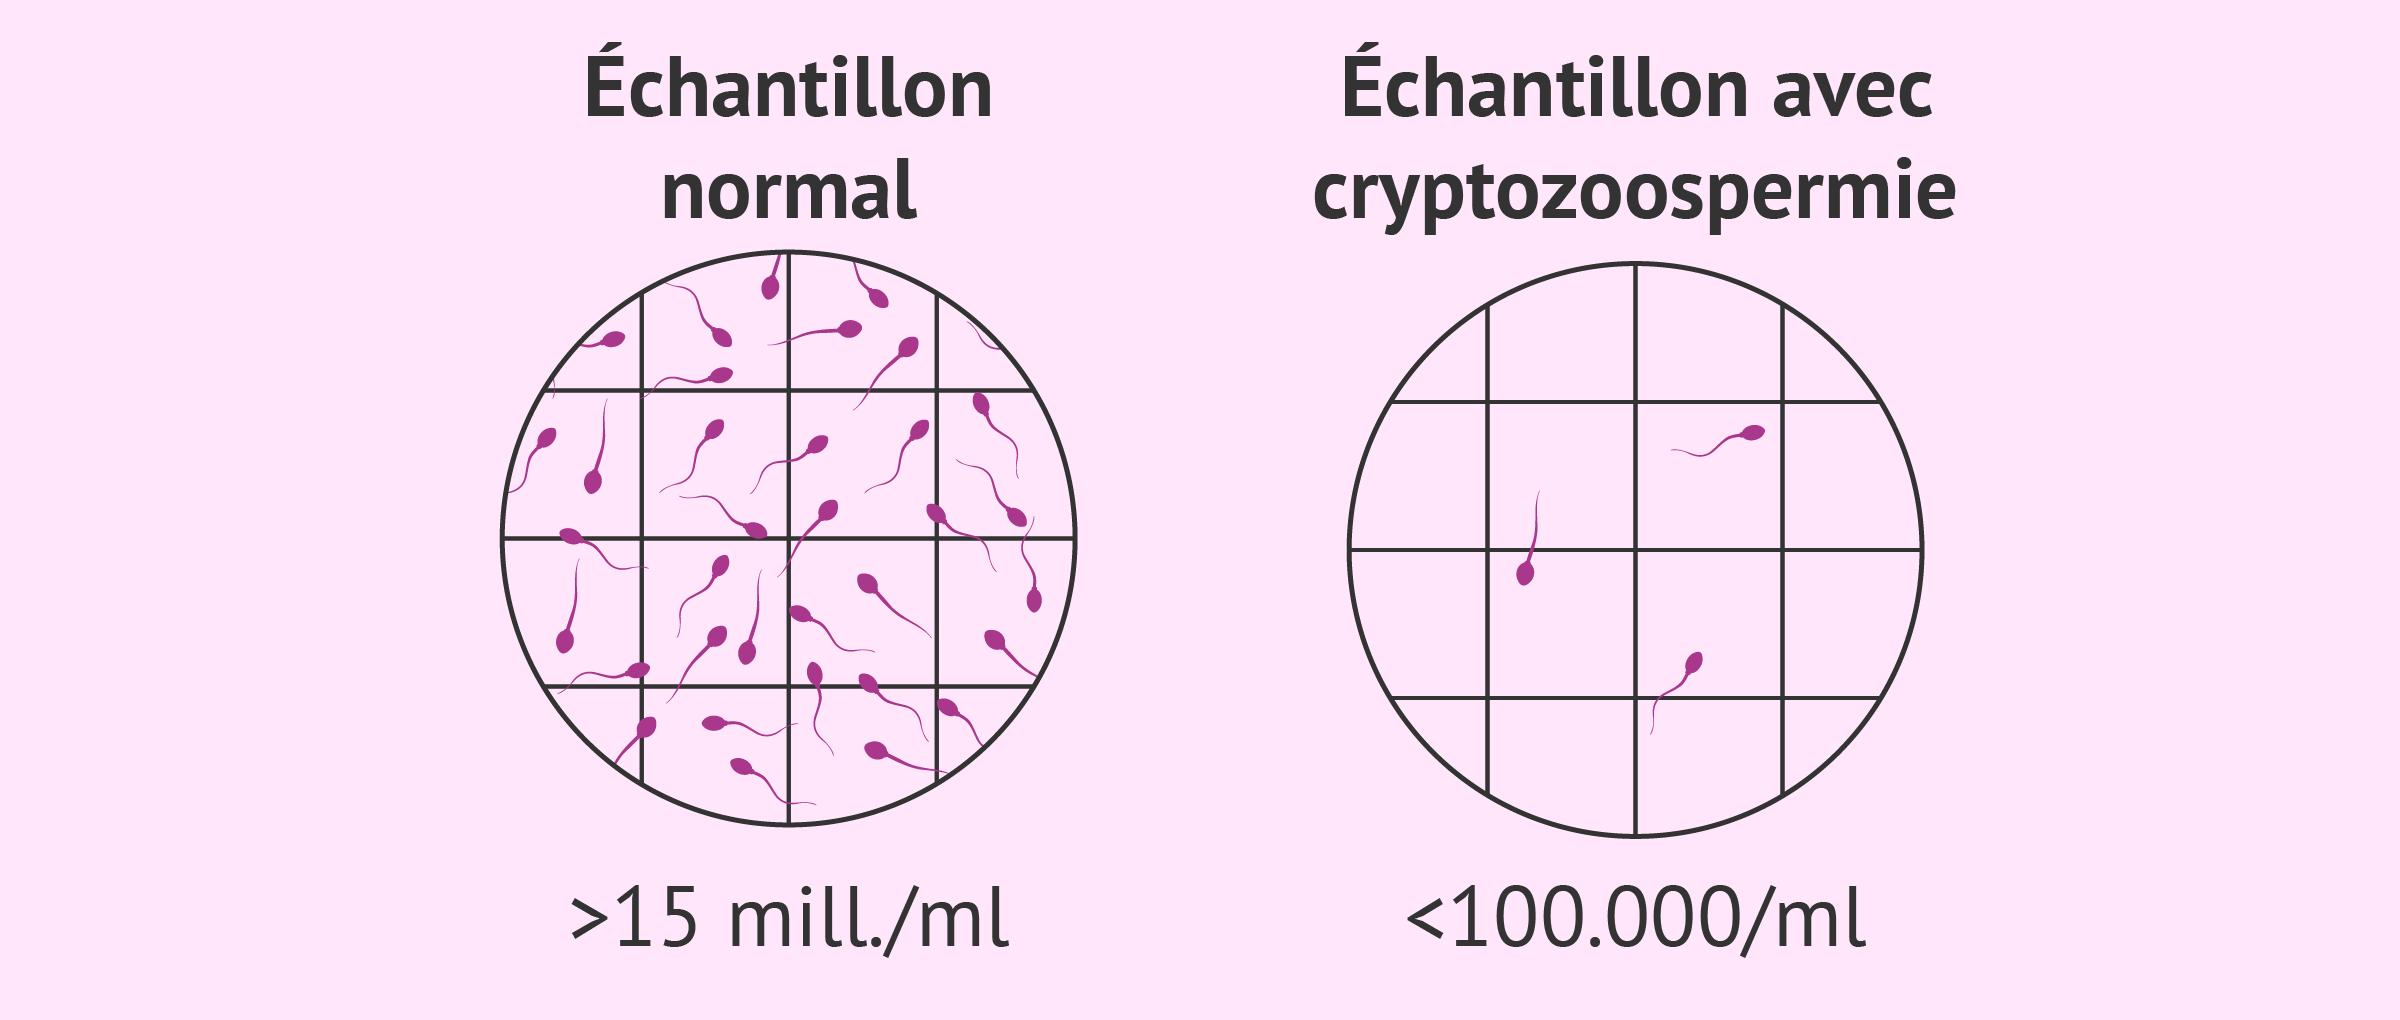 Échantillon séminal avec cryptozoospermie